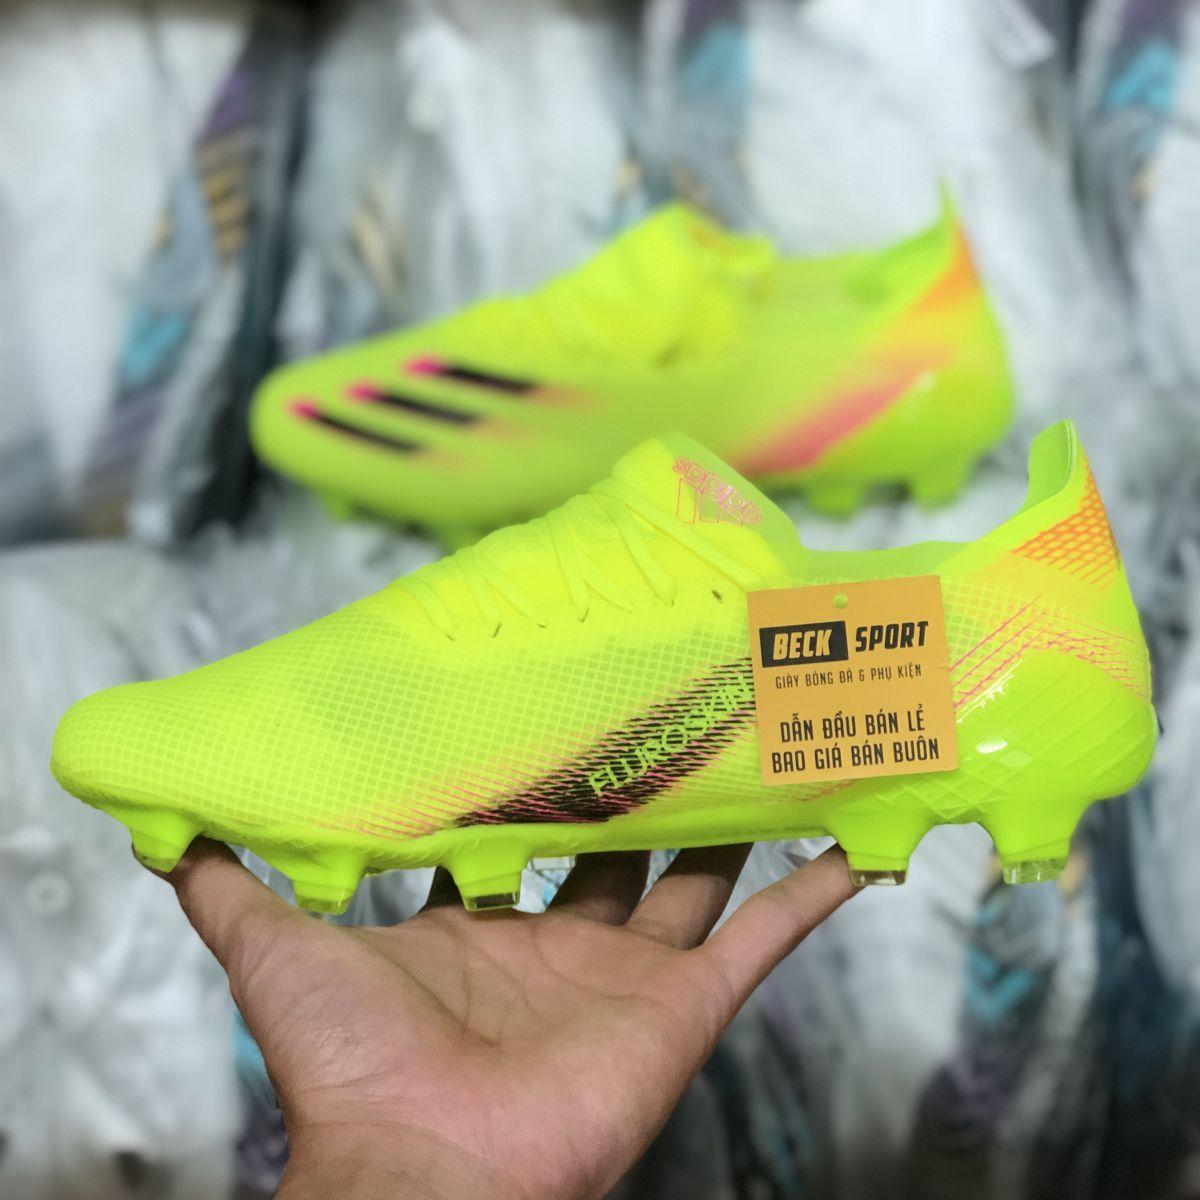 Giày Bóng Đá Adidas X Ghosted.1 Nõn Chuối Hồng Vạch Đen FG